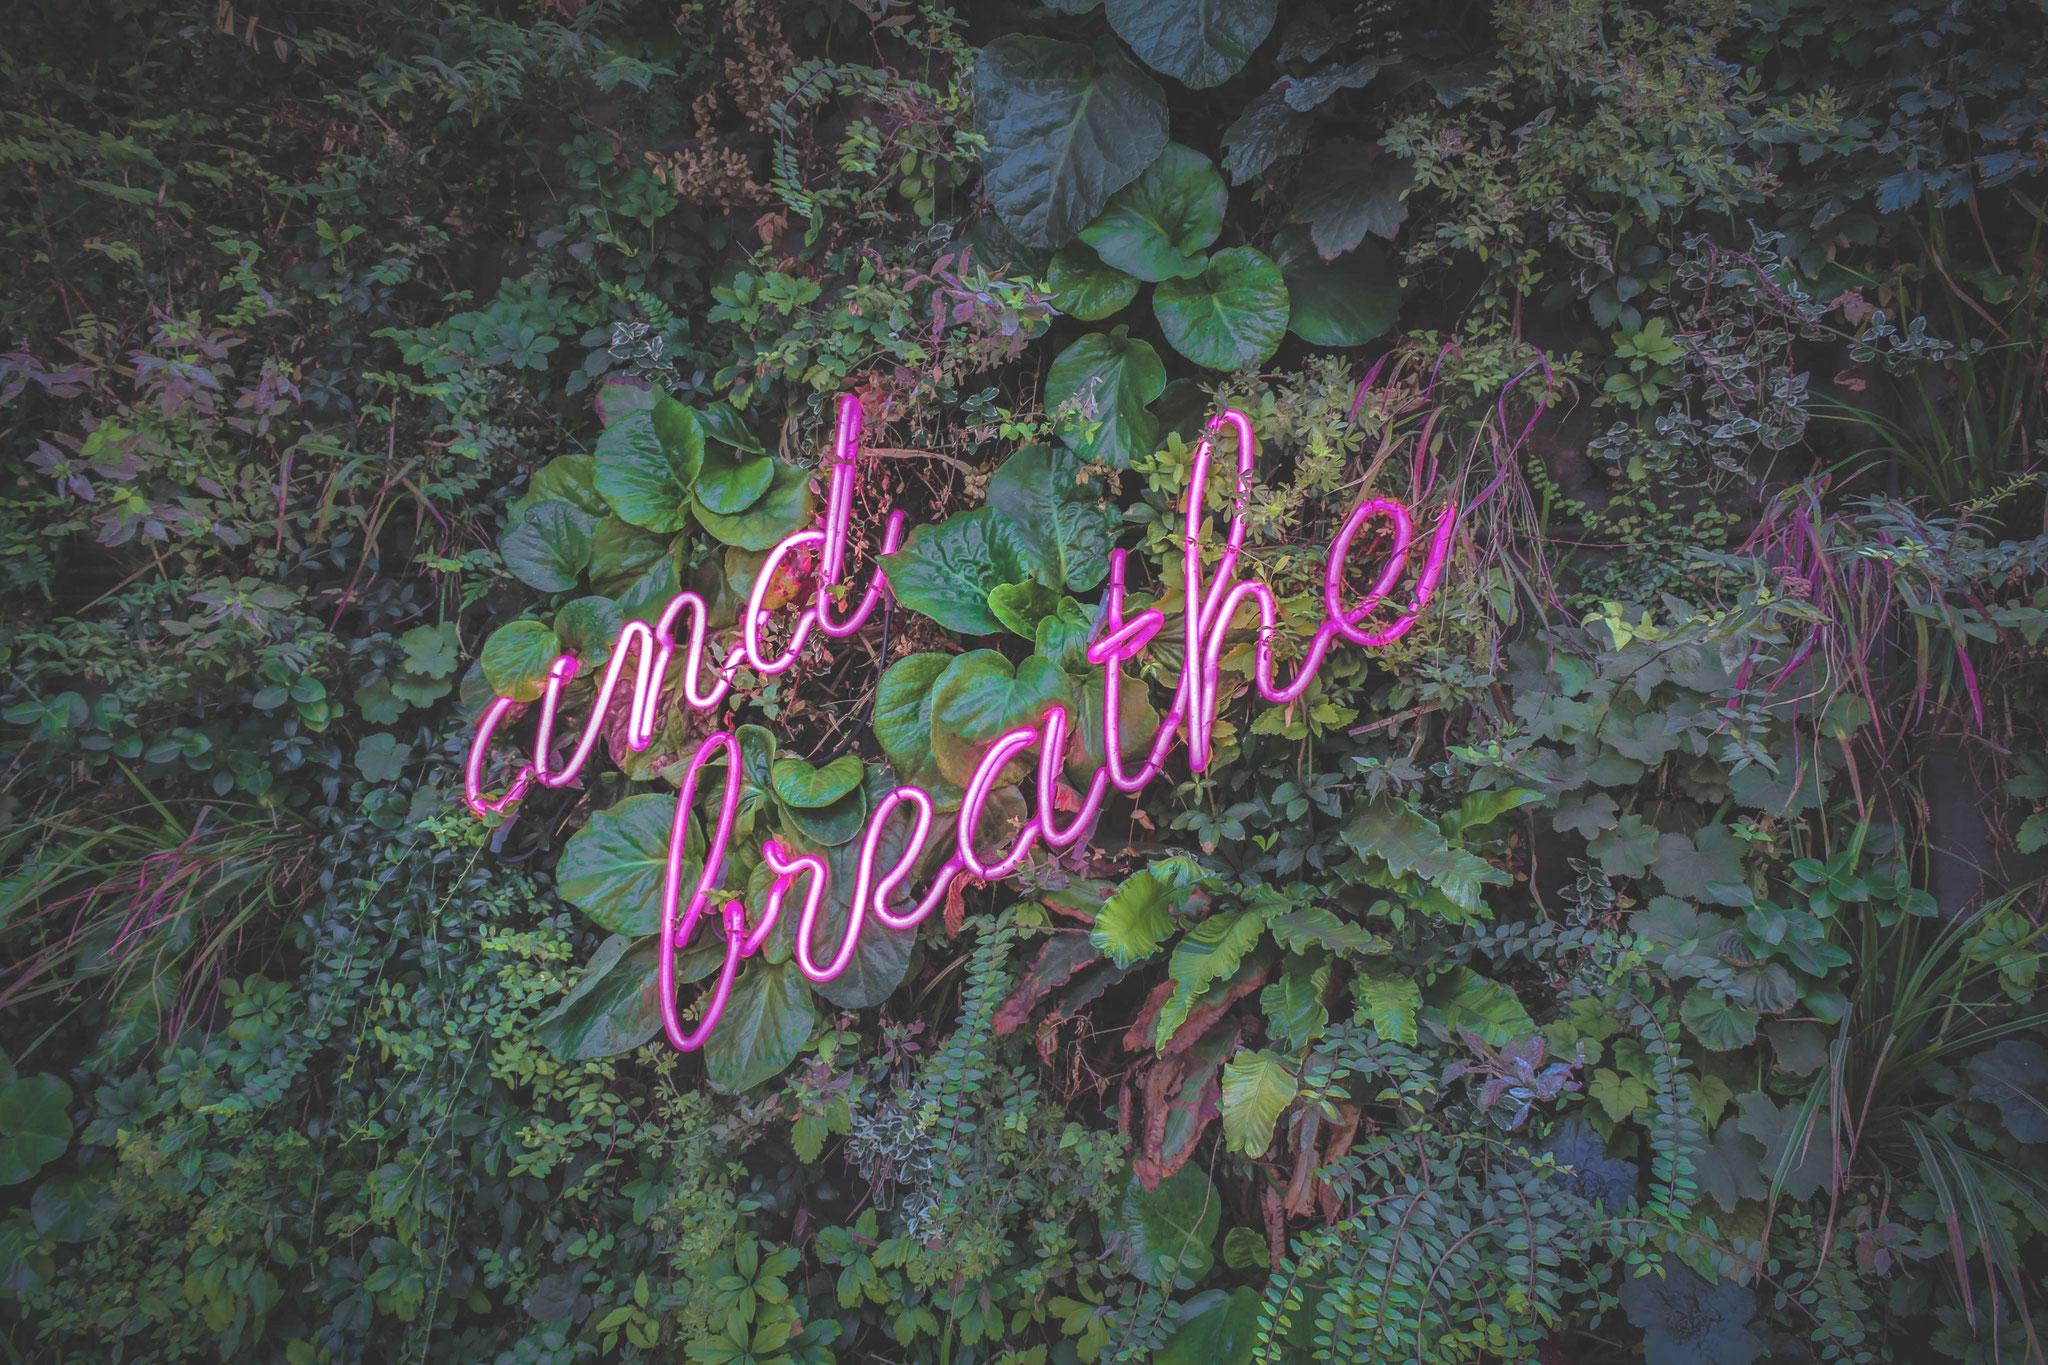 Gezielte Atemübungen helfen, verstärkt Sauerstoff aufzunehmen, den Stoffwechsel anzukurbeln und Reinigungsprozesse zu fördern. Sie regulieren und entspannen Geist und Körper und unterstützen unsere Selbstheilungskraft.